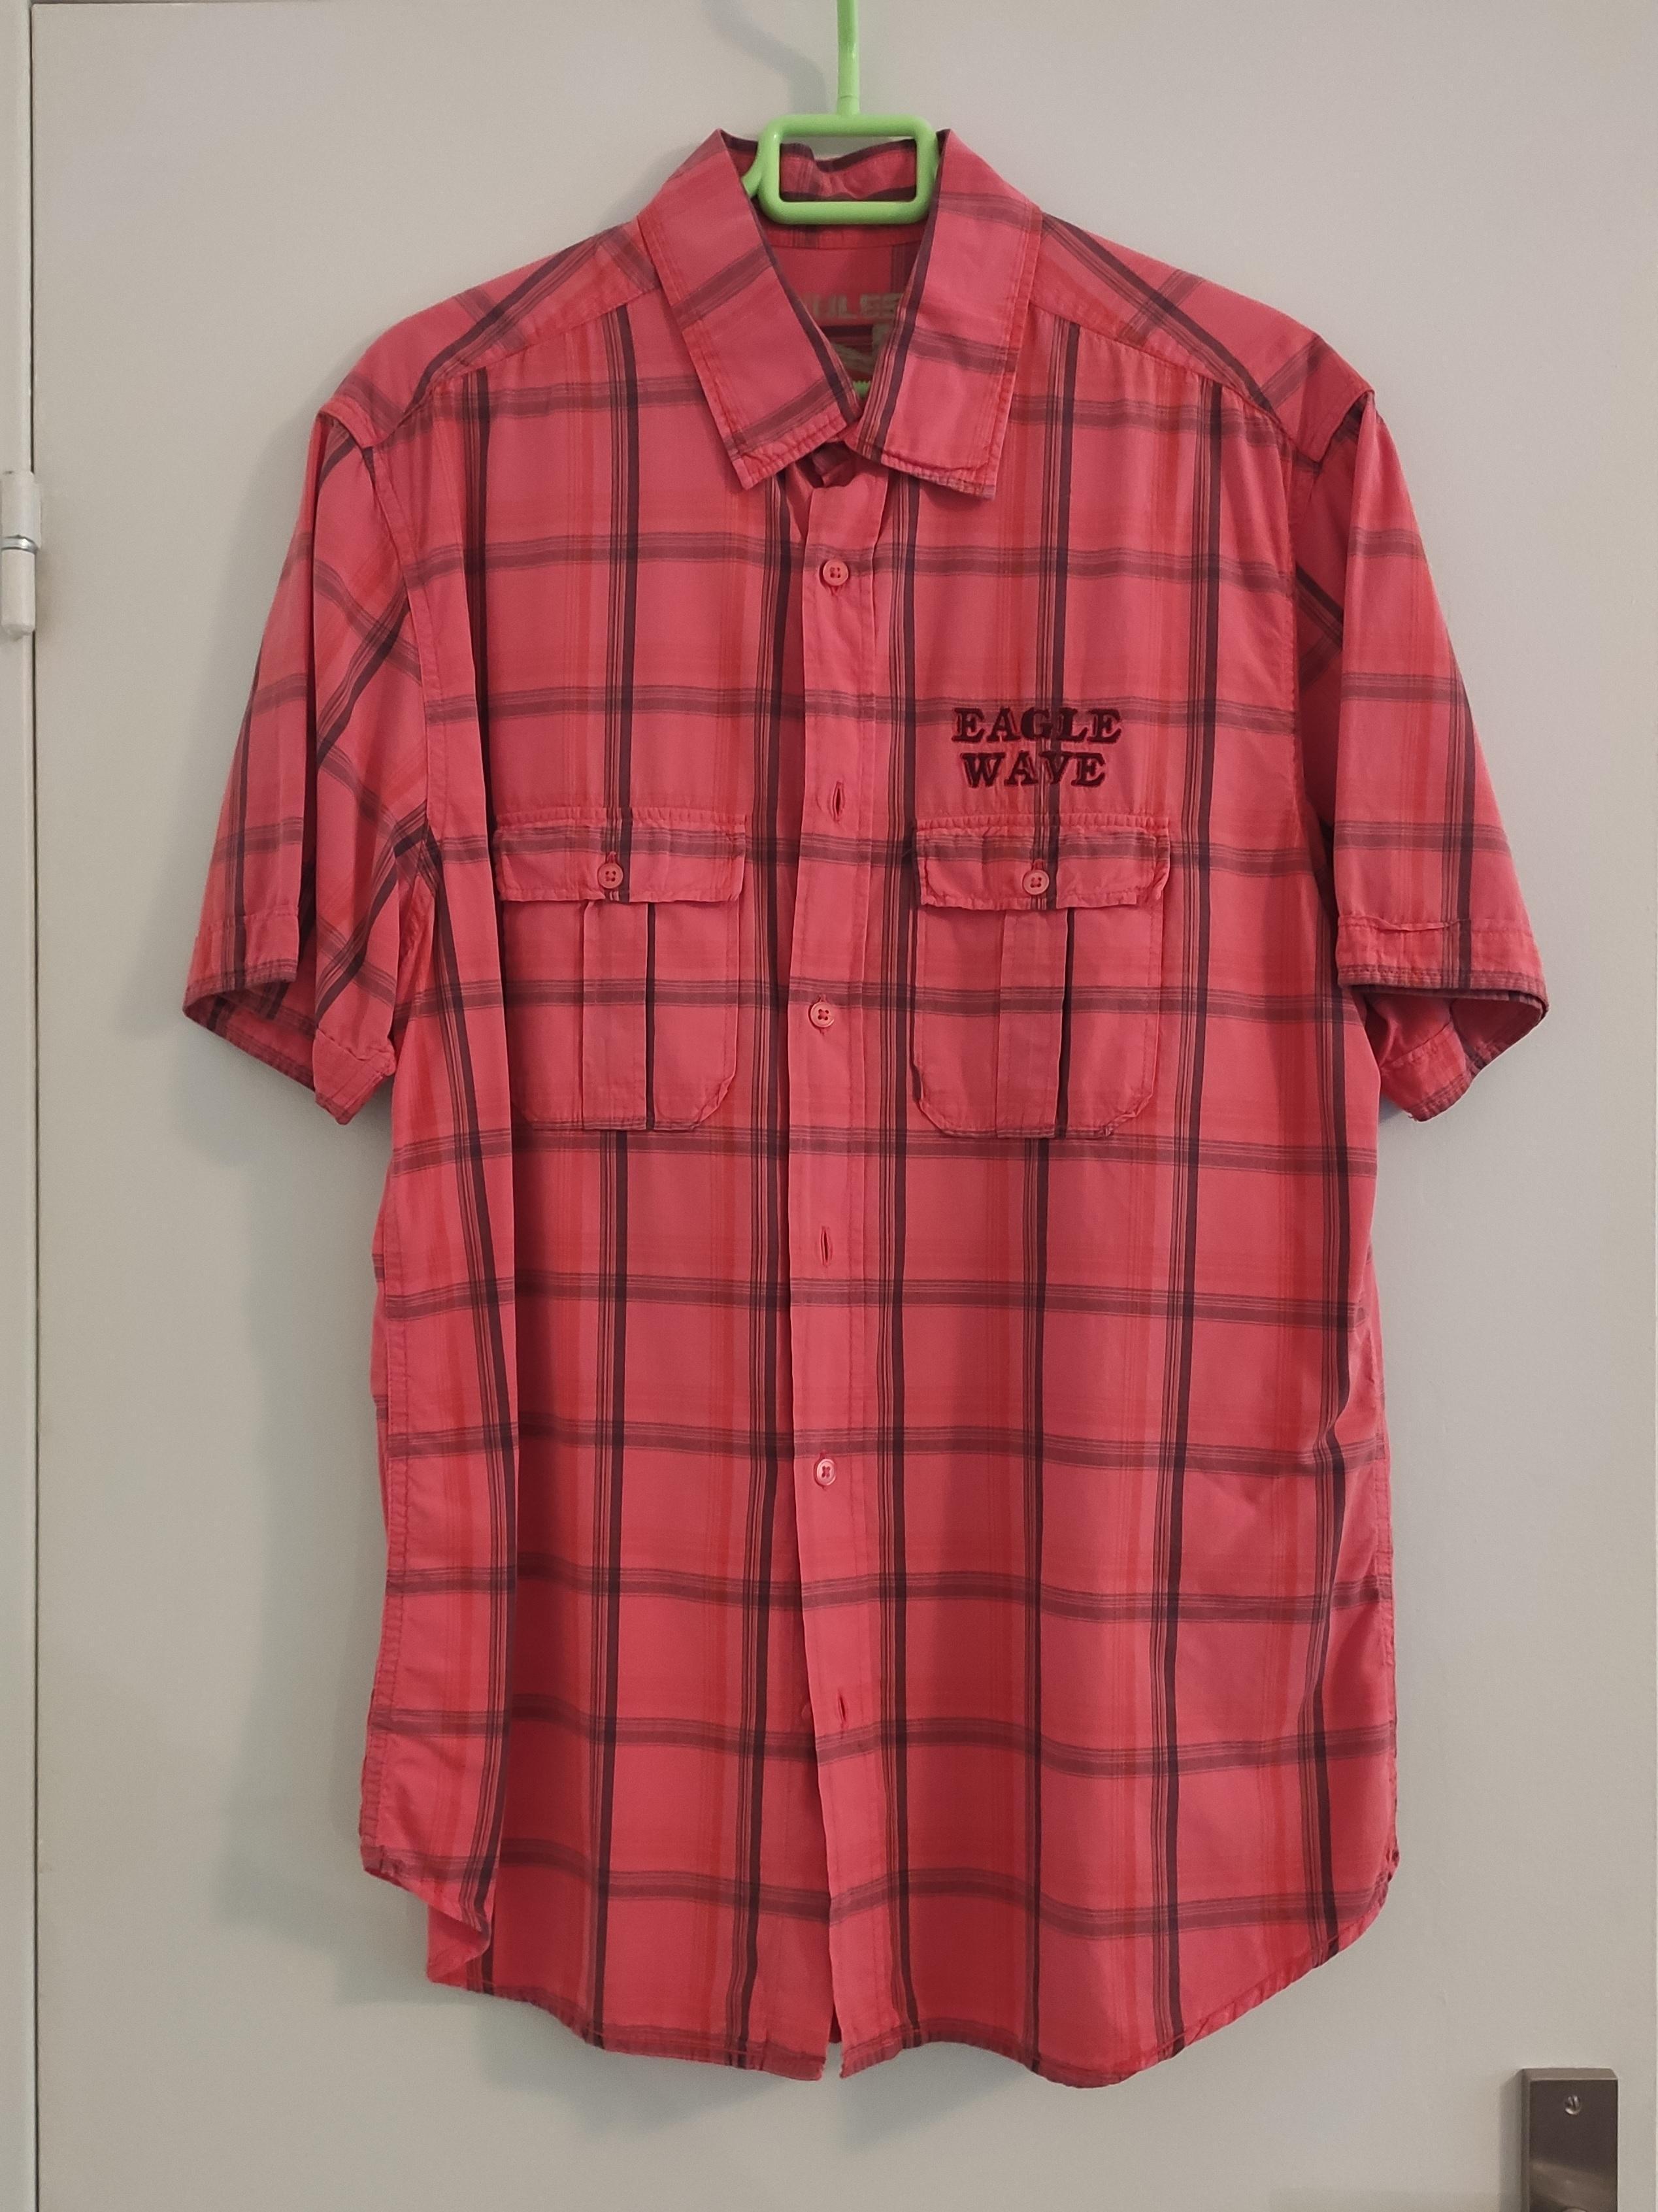 troc de troc chemisette/chemise à manches courtes - jules image 0